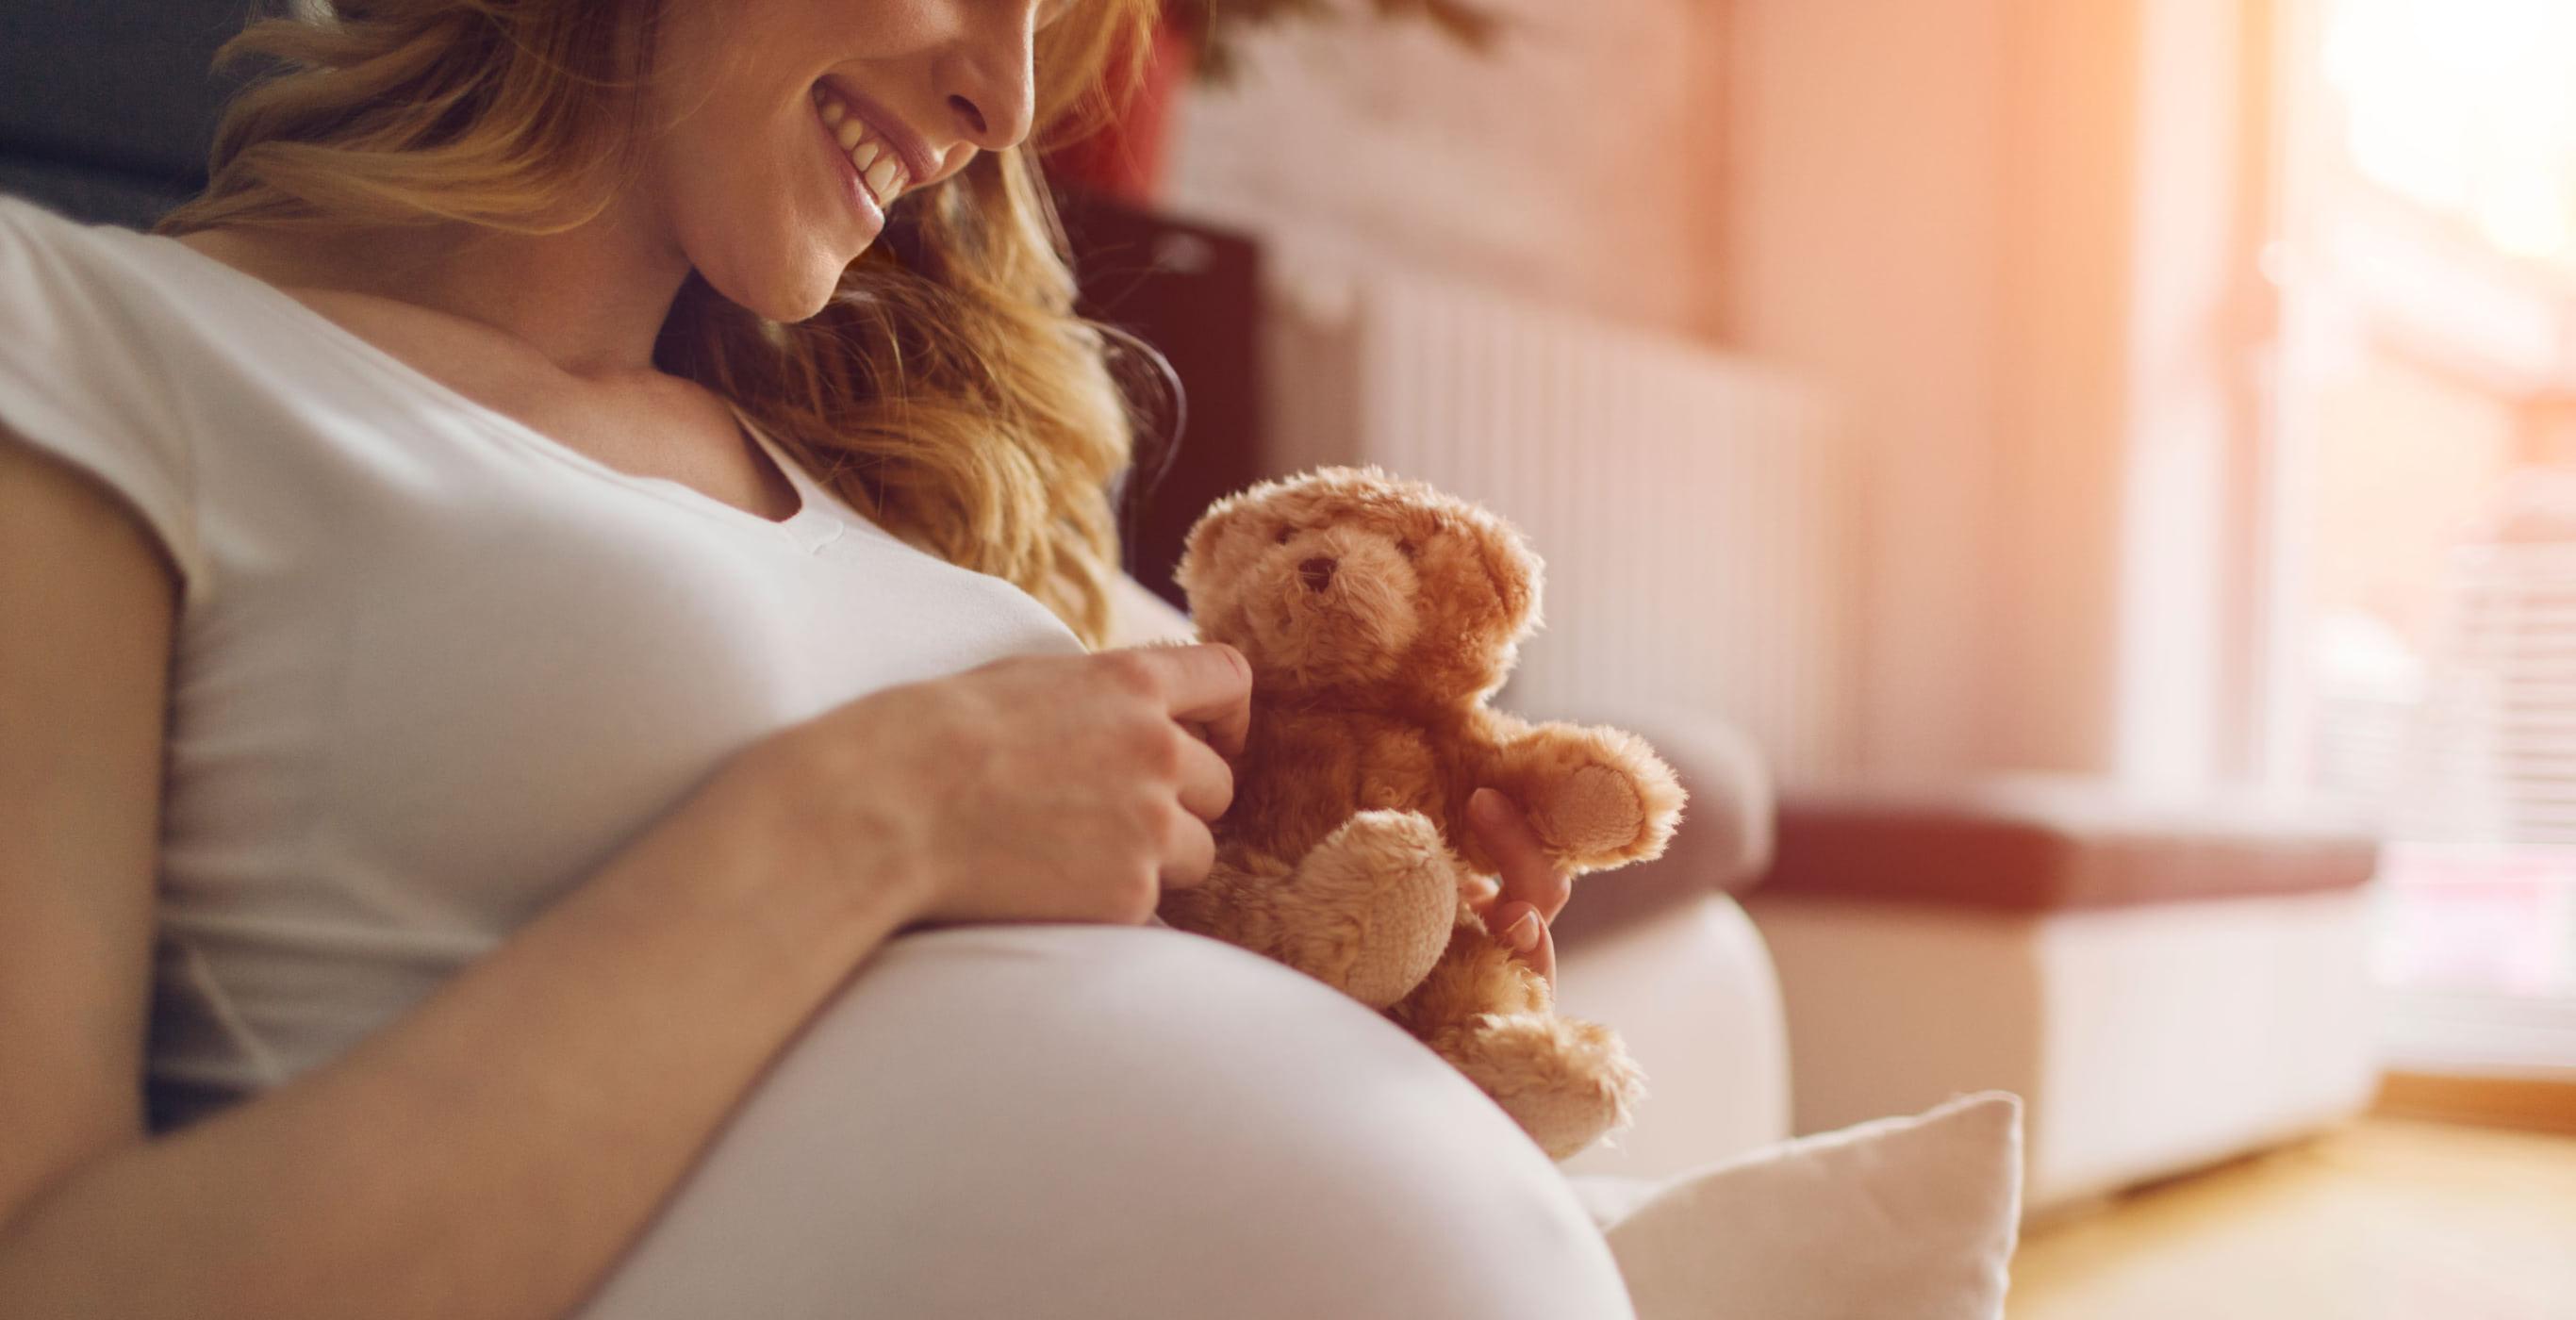 Titelmotiv einer Content-Kampagne der Healthcare Werbeagentur mcs mit einer schwangeren Frau, die einen Teddy in der Hand hält und lächelt